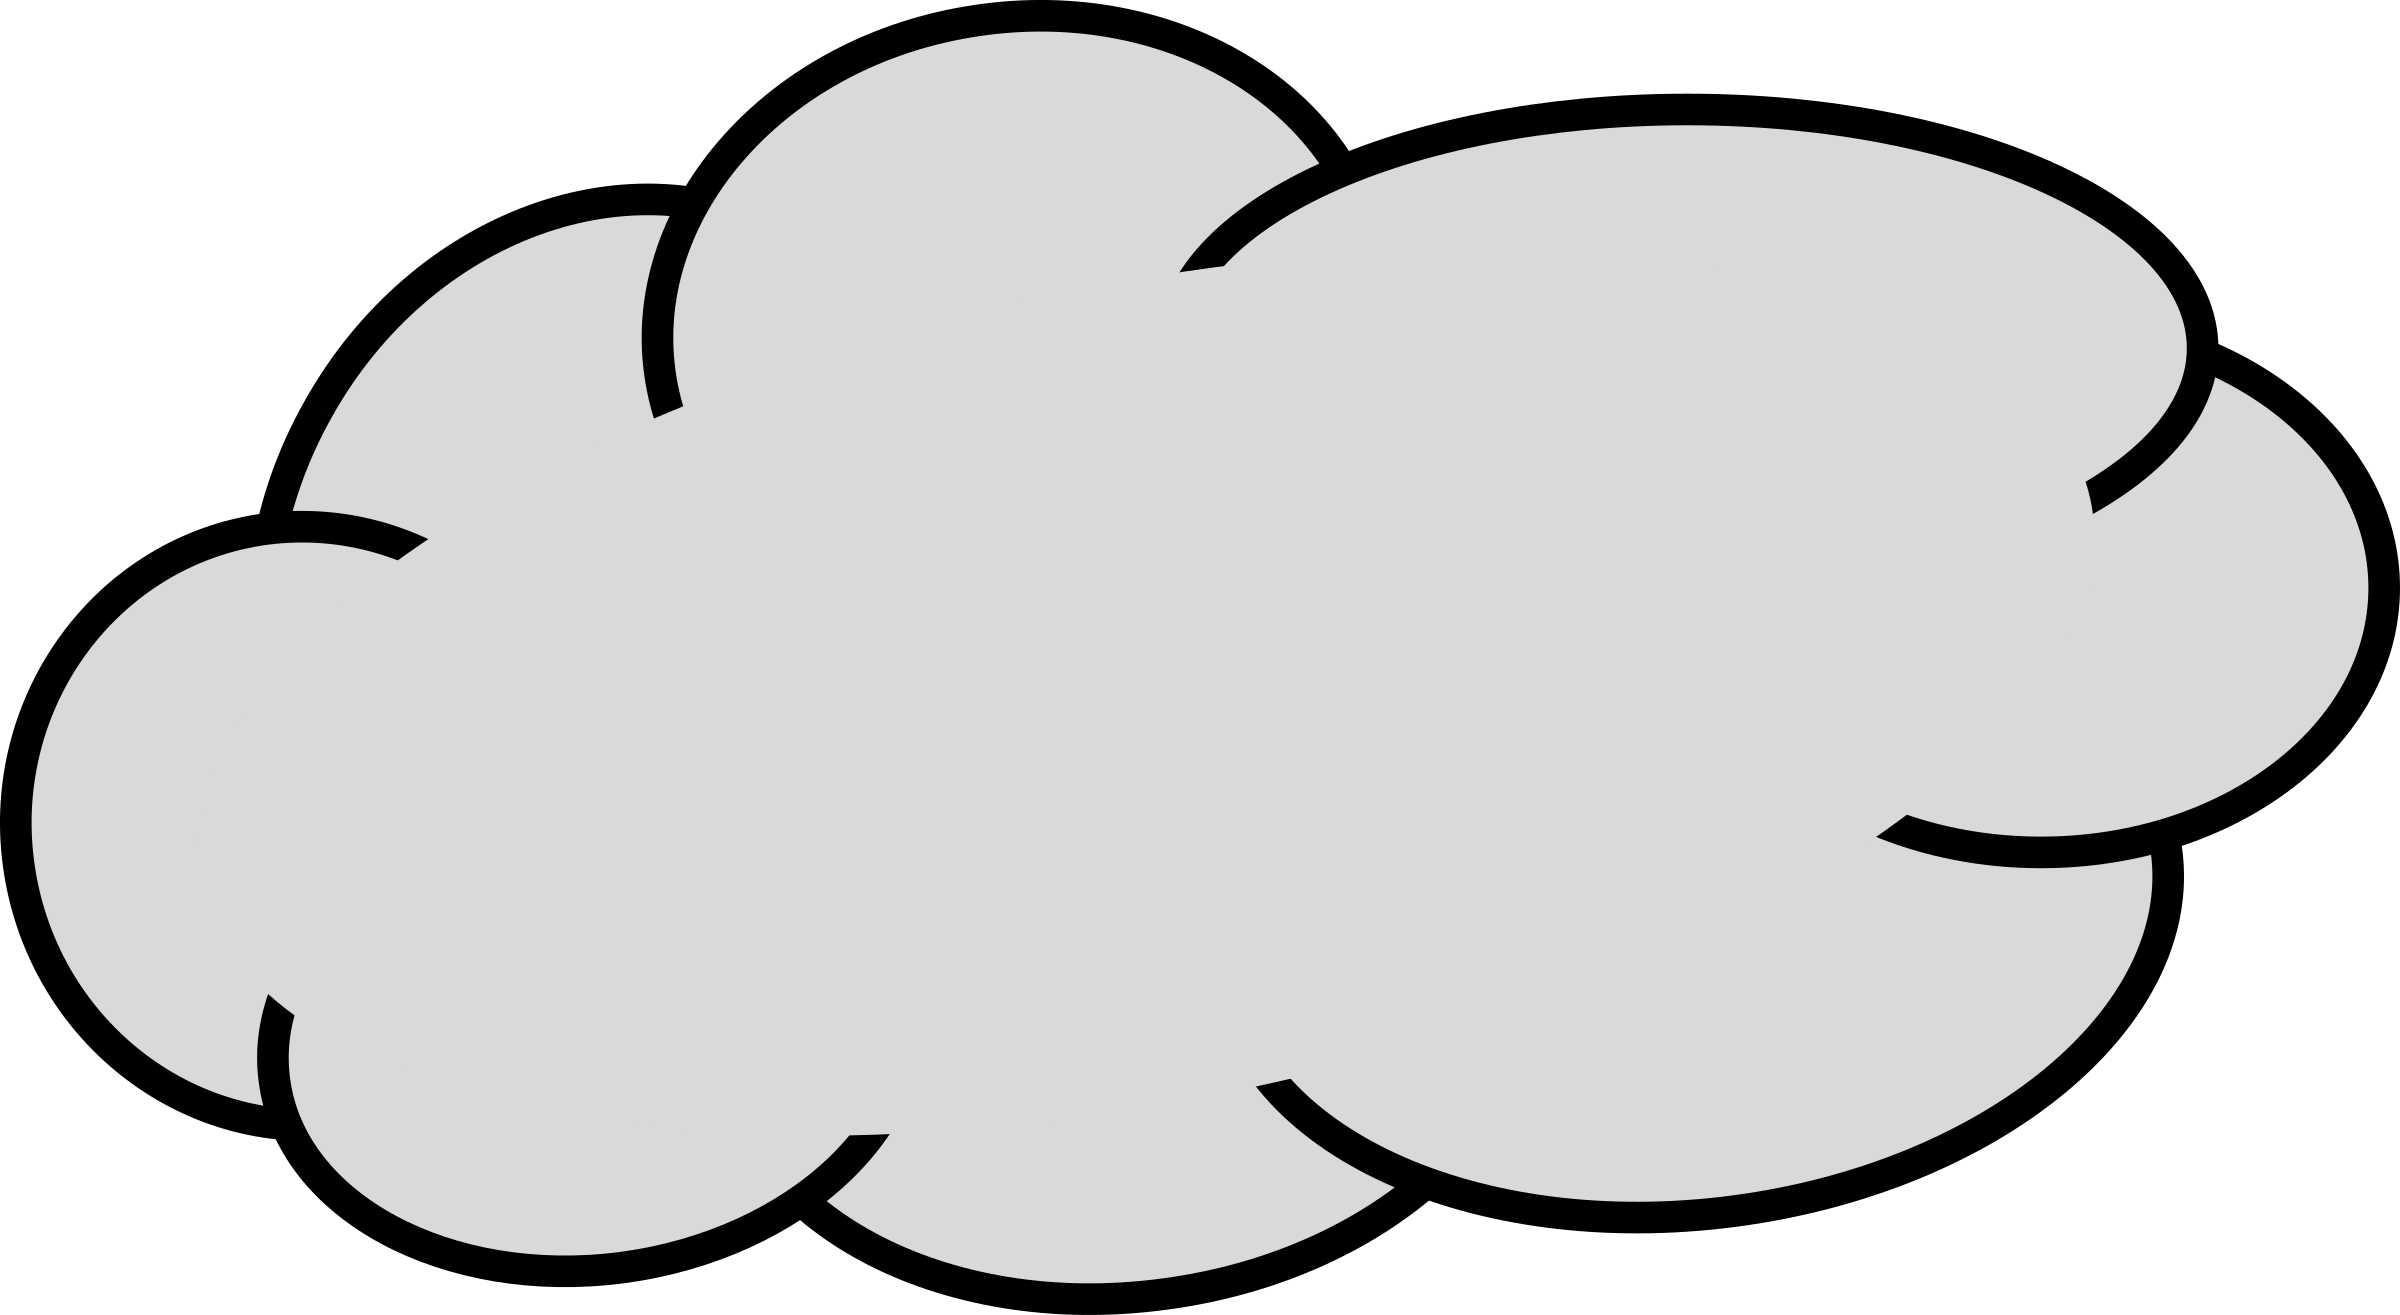 Cloud Clipart #669 - Cloud Clipart